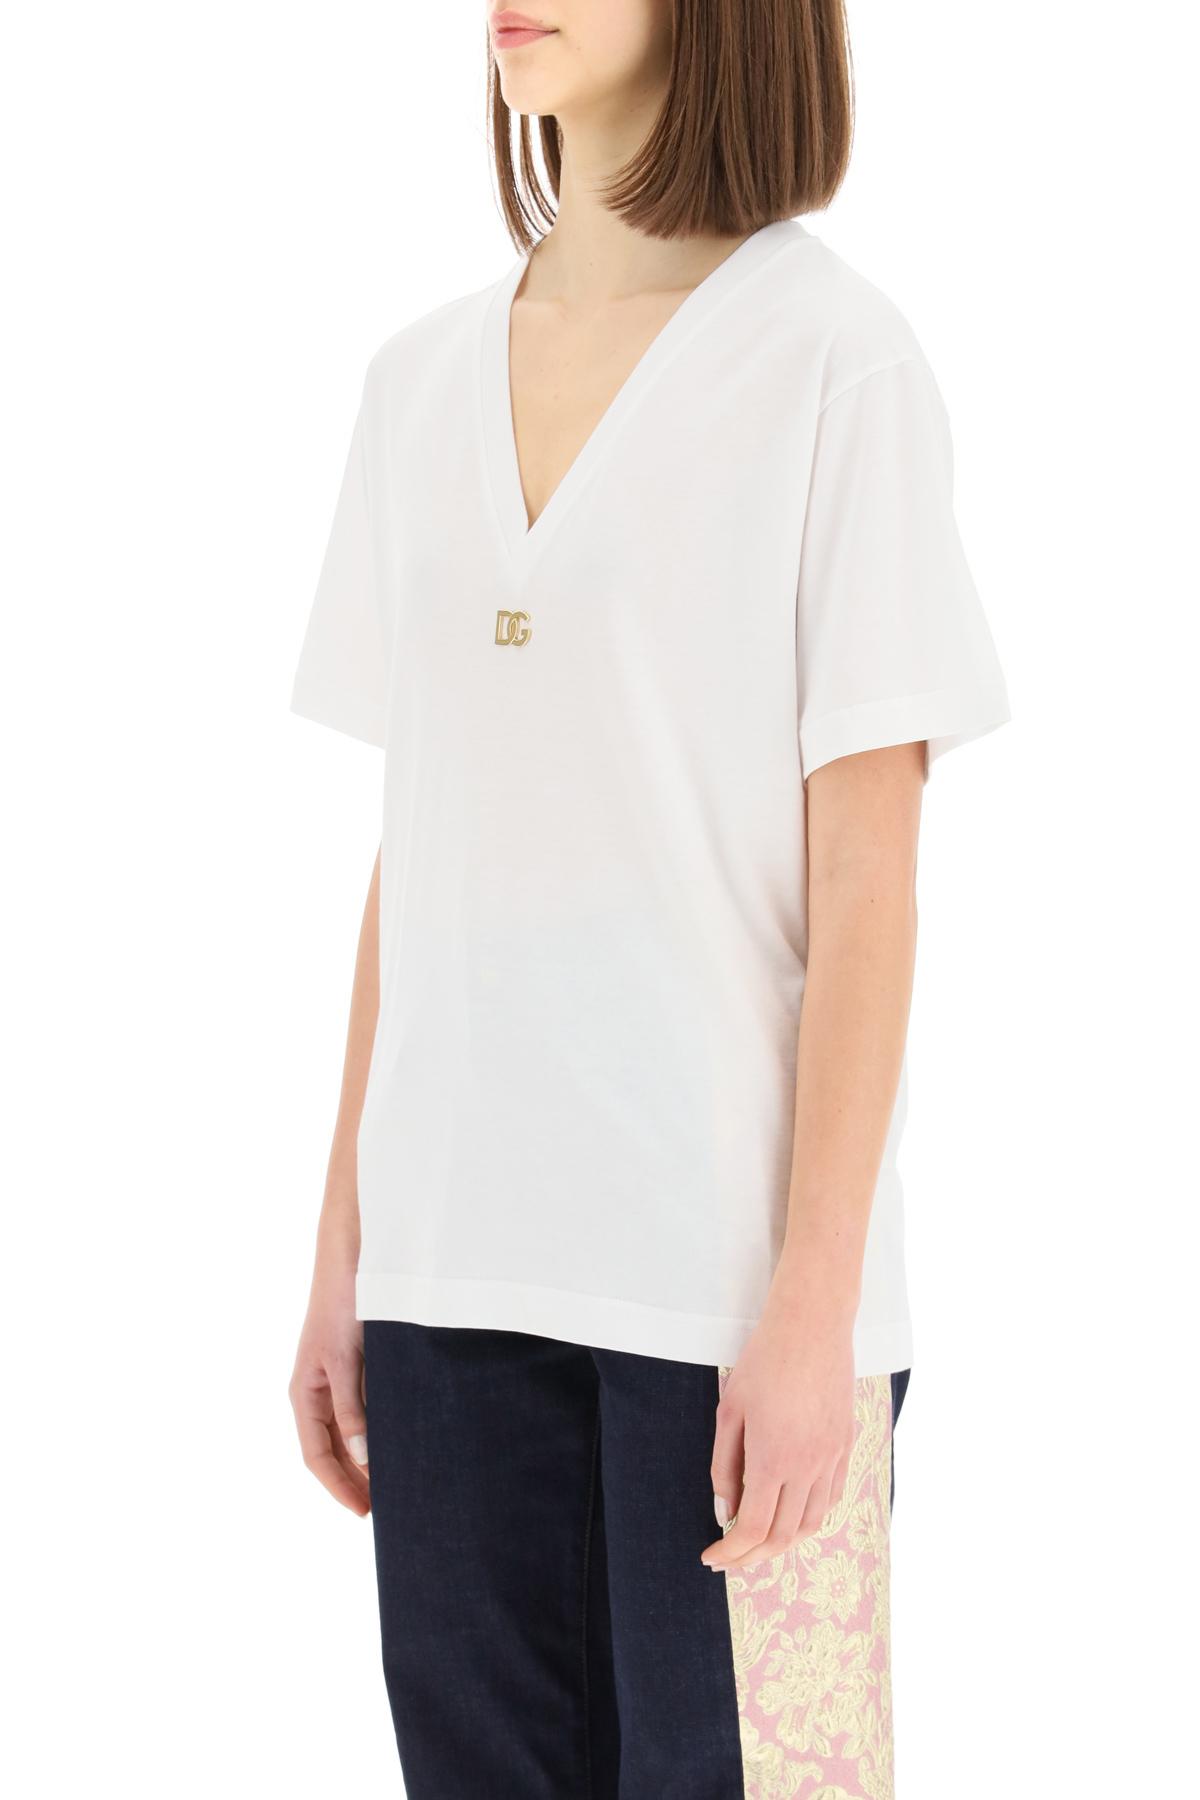 Dolce & gabbana t-shirt scollo a v con logo dg metallico